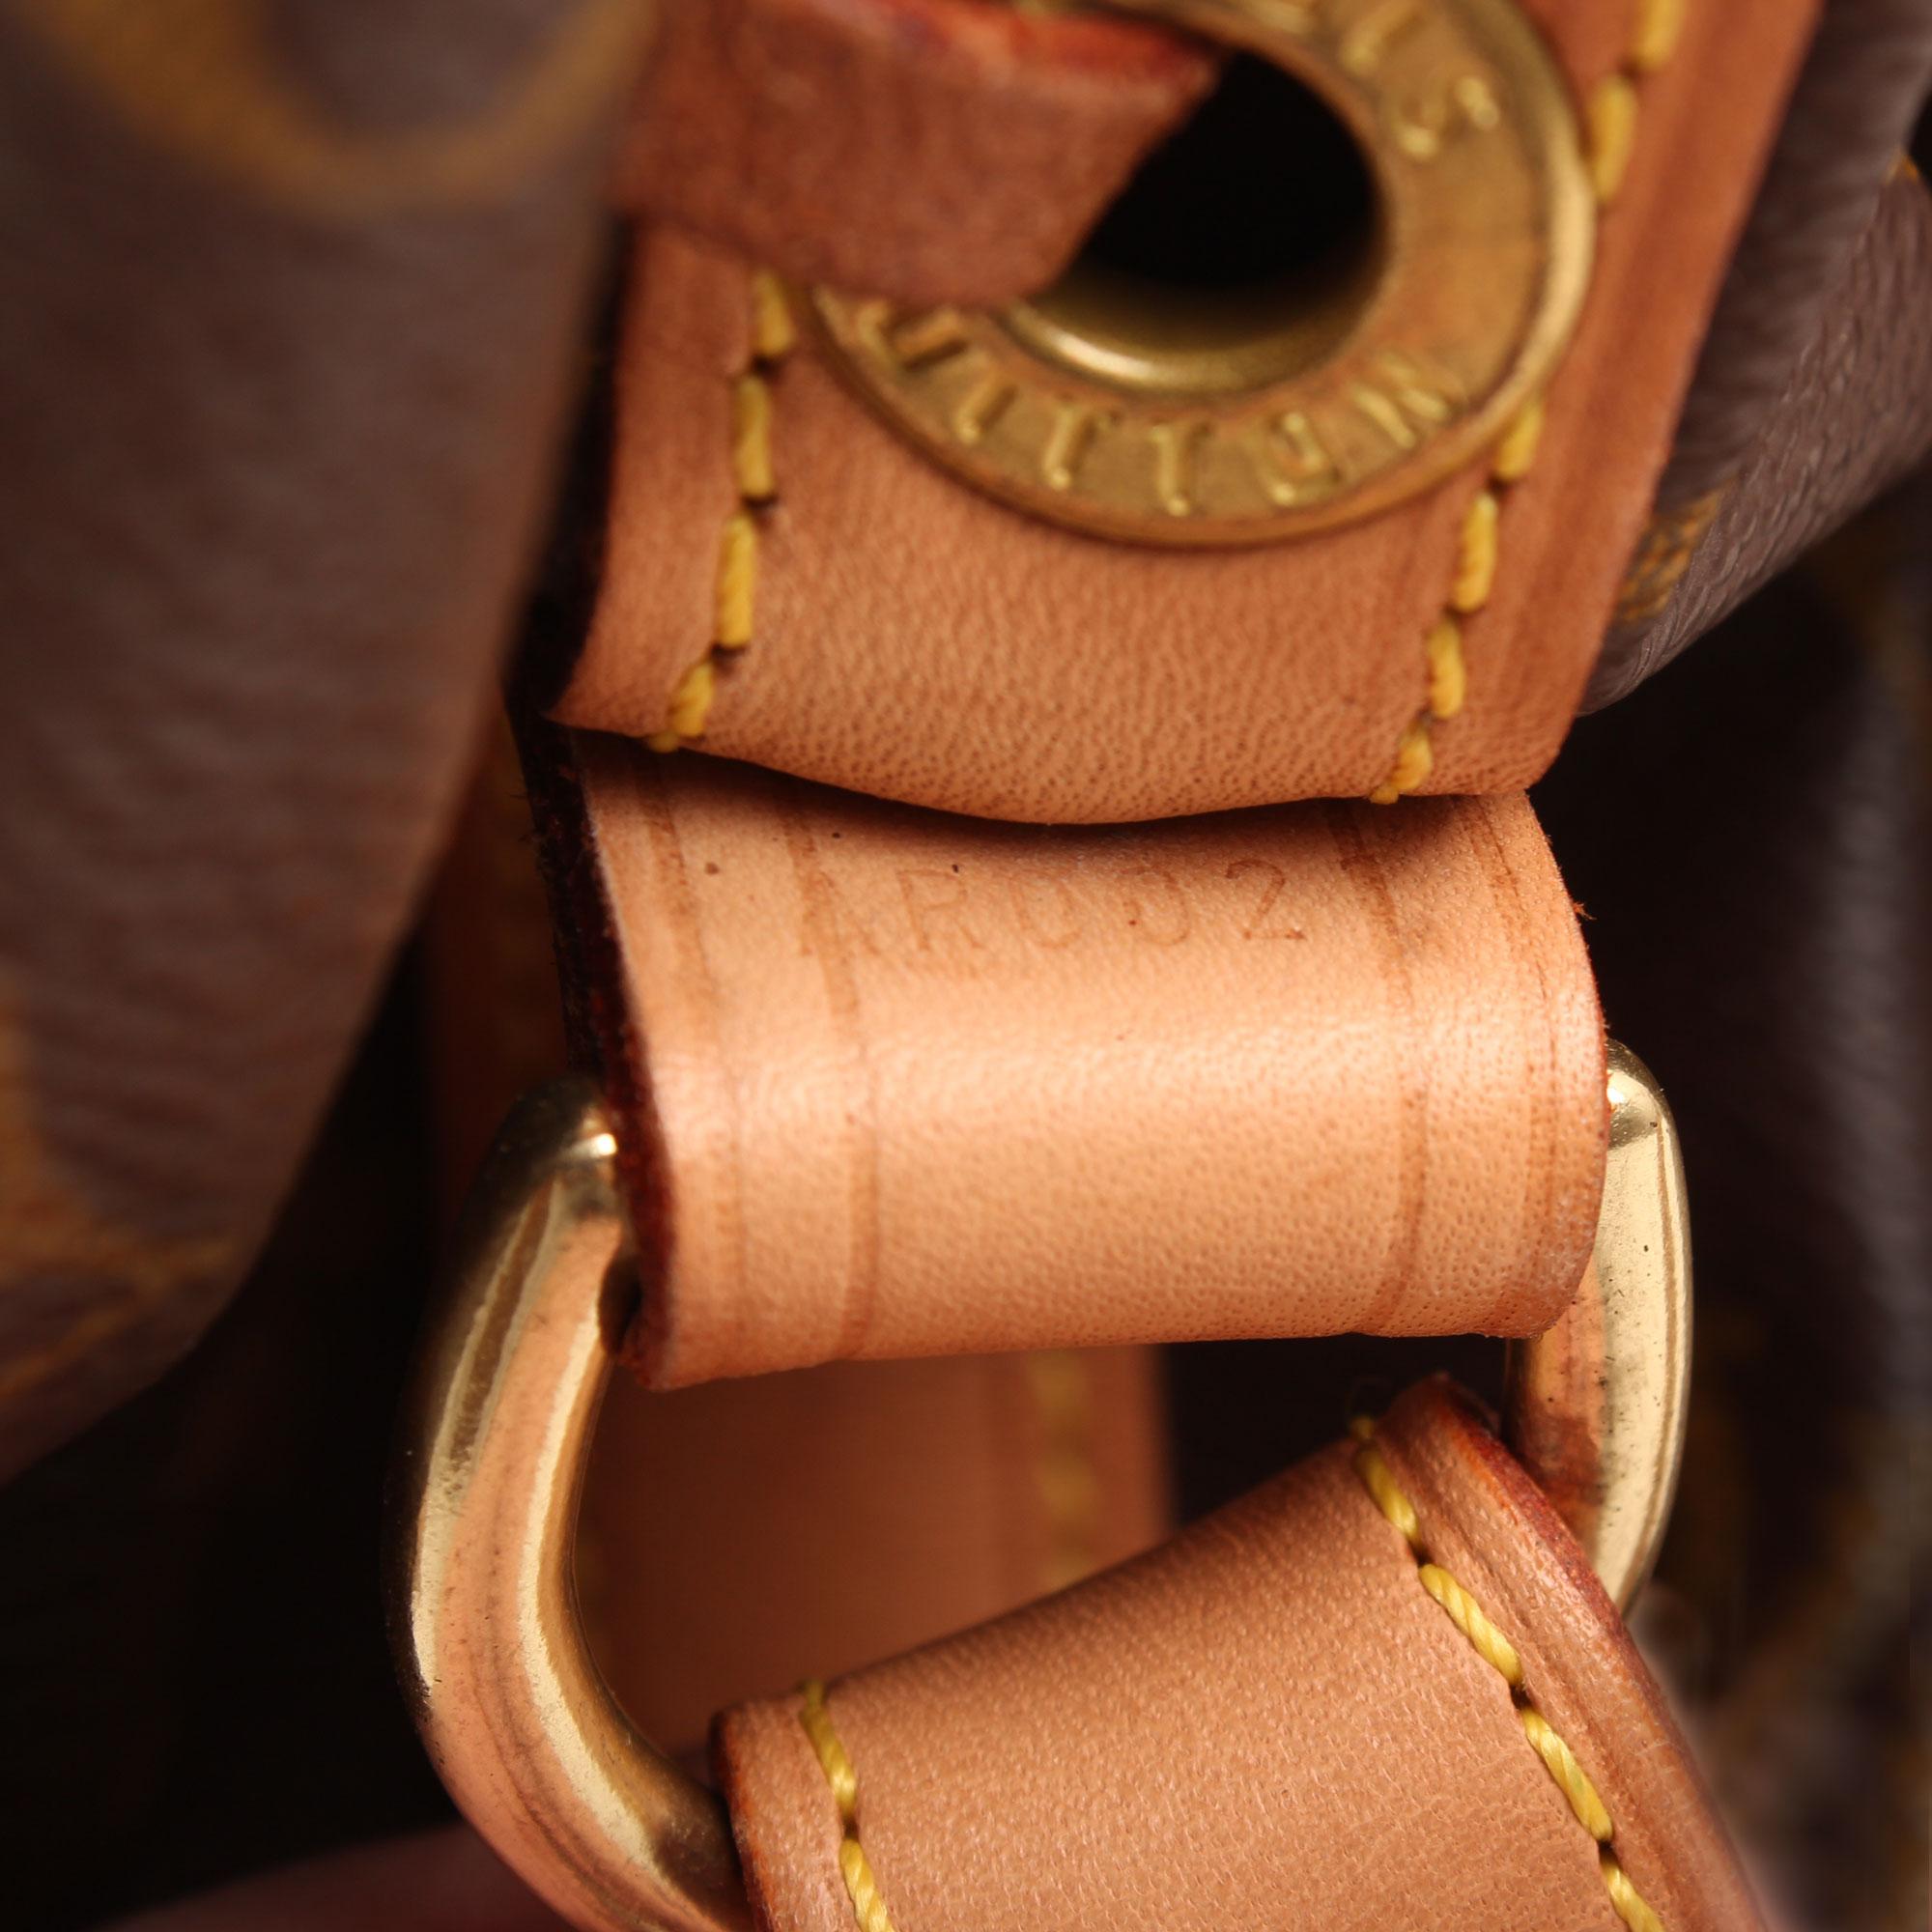 Imagen del serial del bolso louis vuitton noe monogram